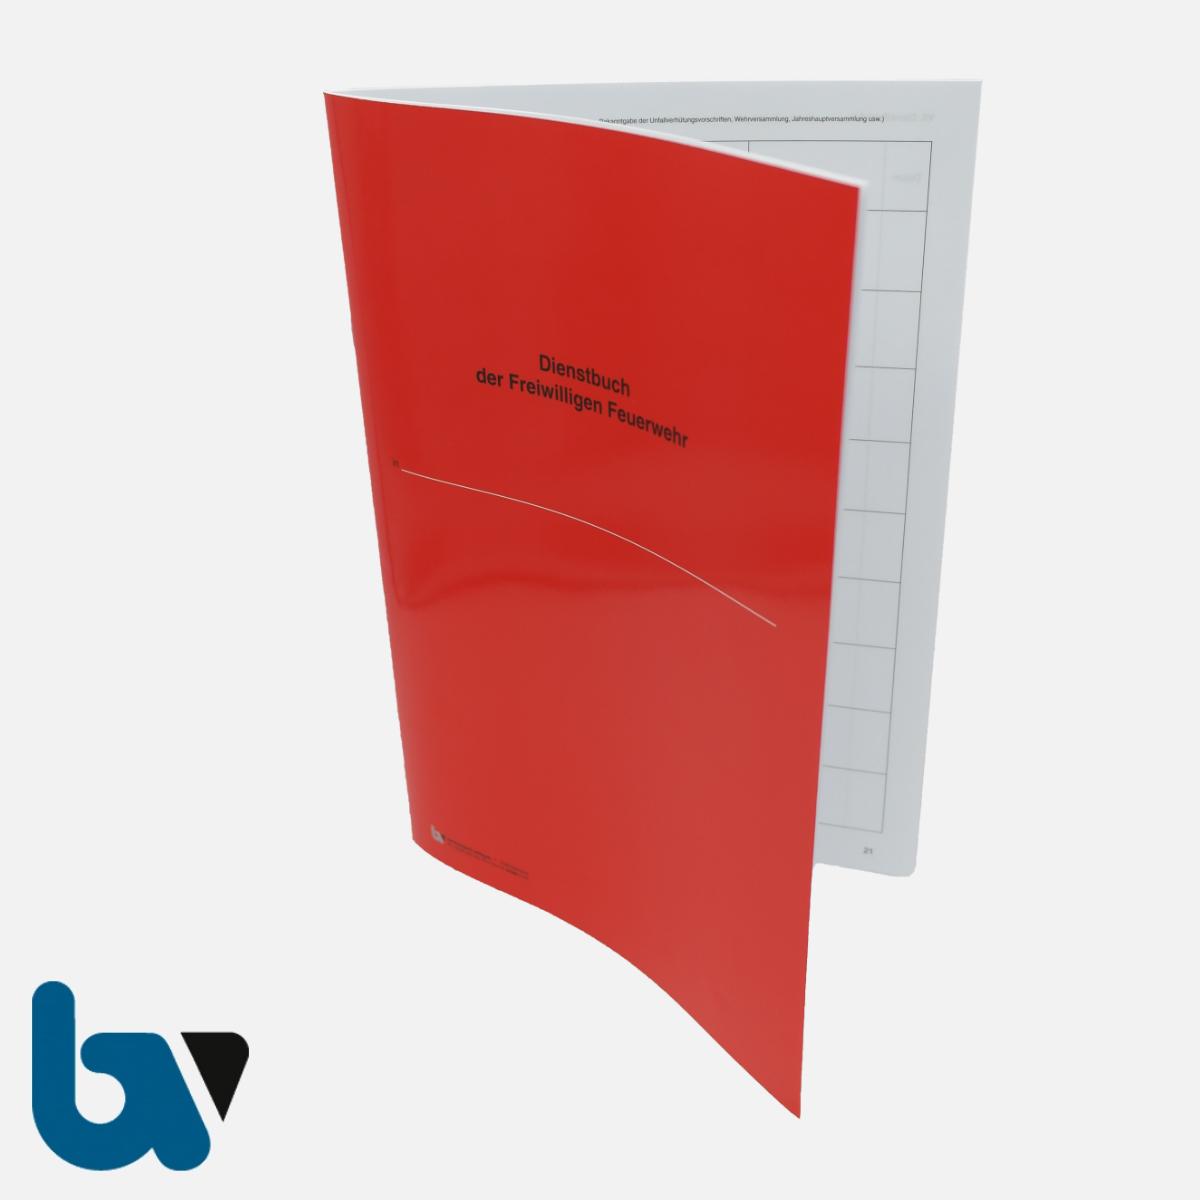 0/468-1 Dienstbuch Freiwillige Feuerwehr Bericht rot Umschlag wetterfest beschichtet 40 Seiten DIN A4 VS   Borgard Verlag GmbH